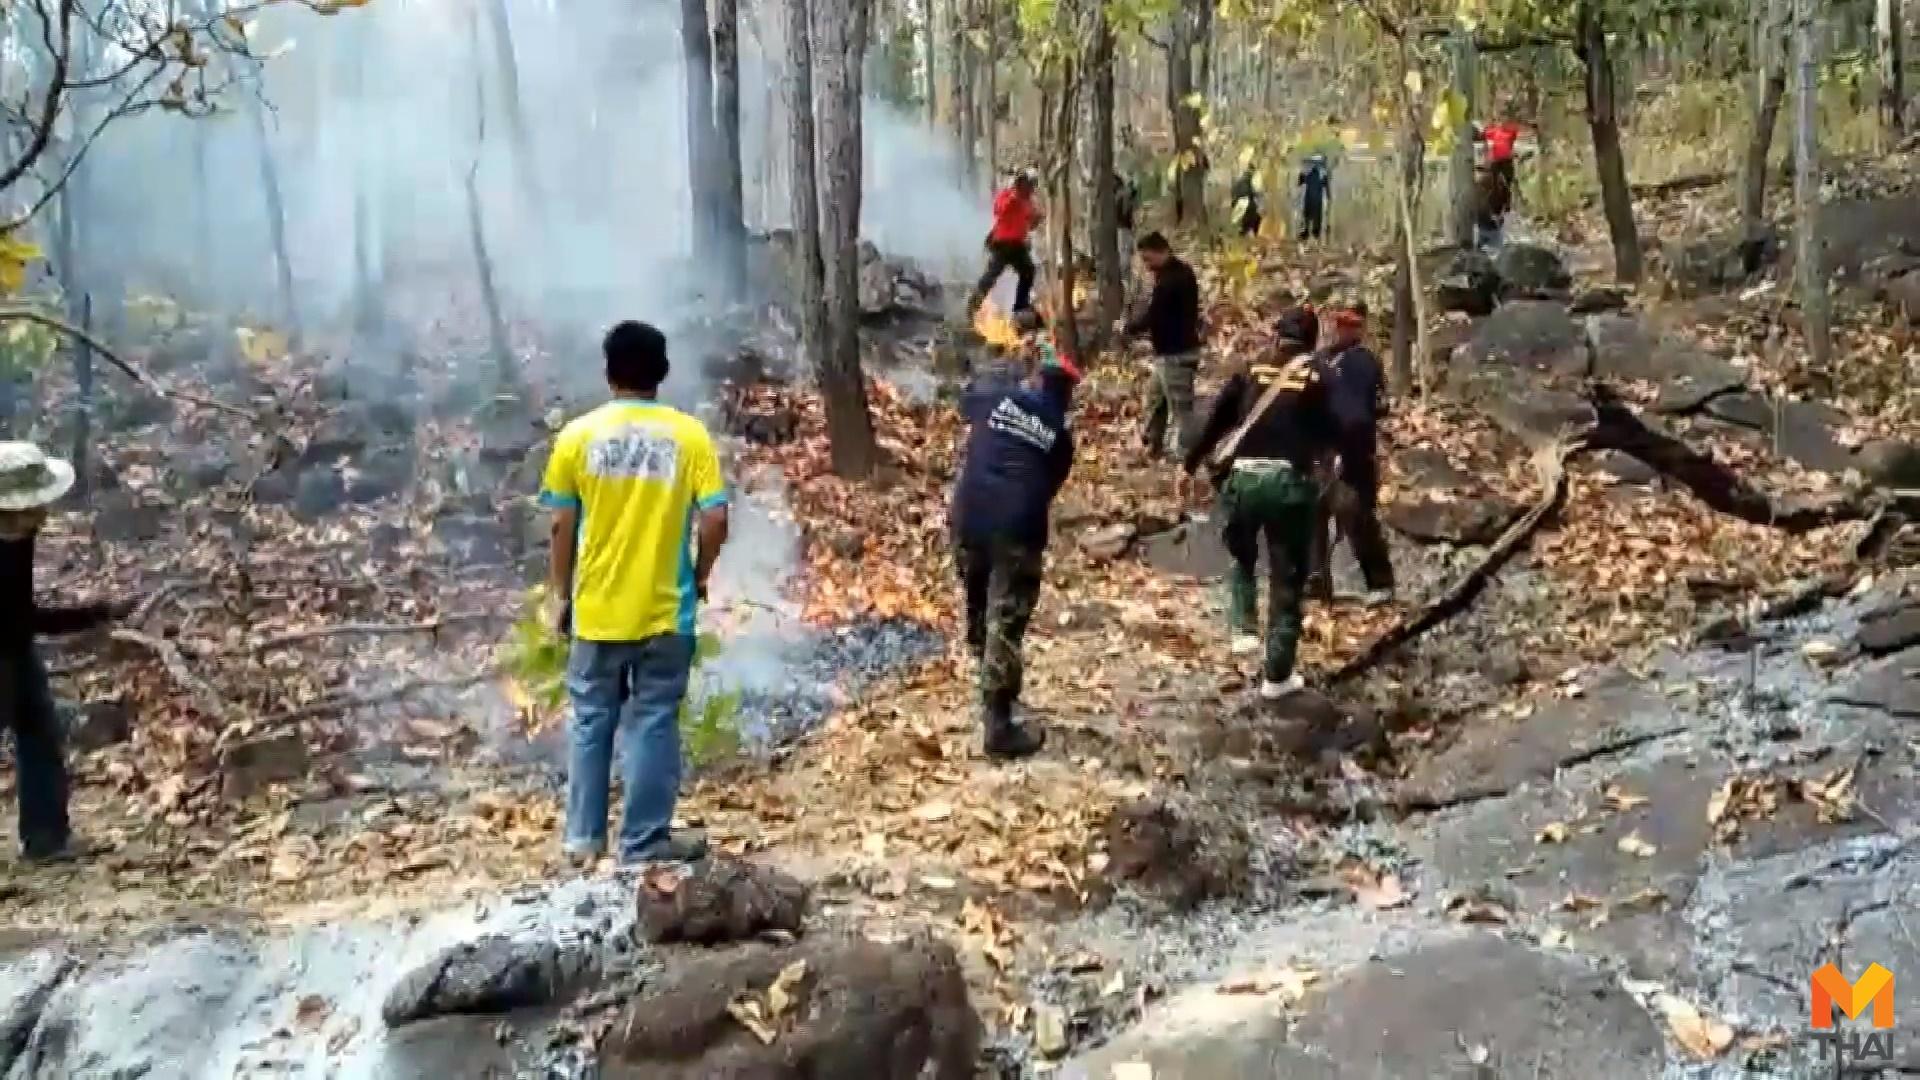 ข่าวภูมิภาค วัดพระบรมธาตุดอยเกิ้ง ไฟป่า ไฟไหม้